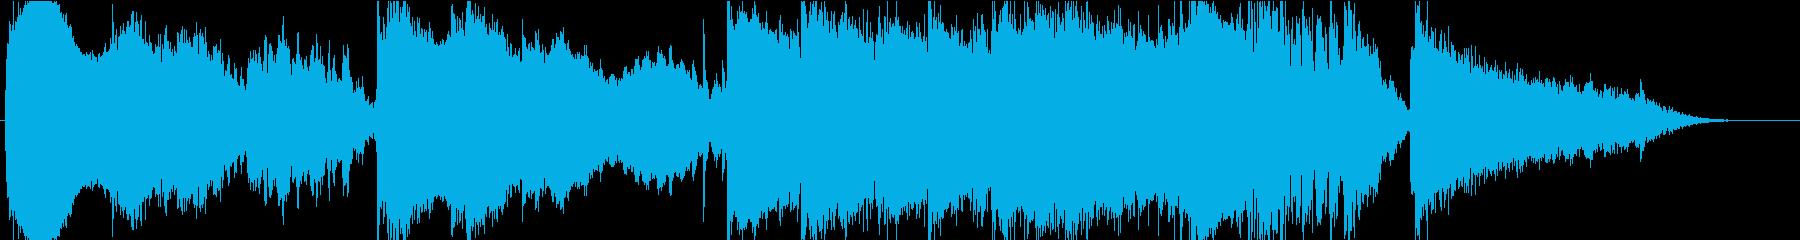 静かながらも力強いイメージの再生済みの波形